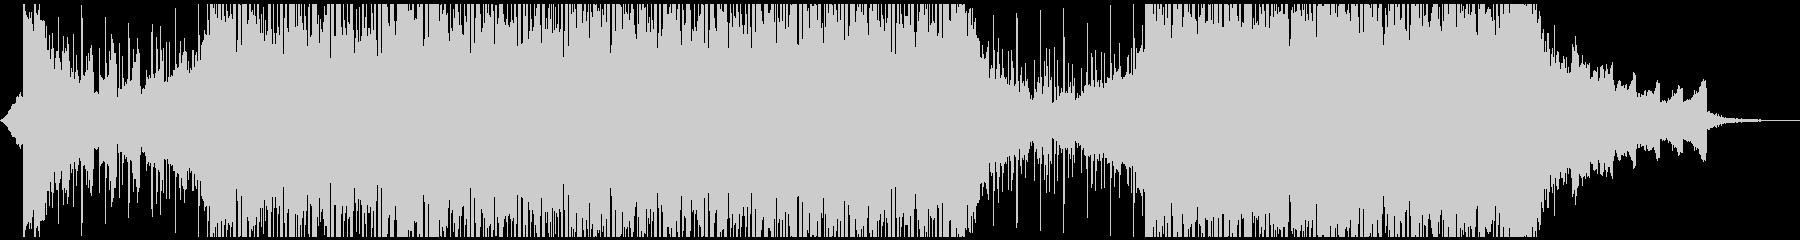 アンビエント ダブステップ 実験的...の未再生の波形